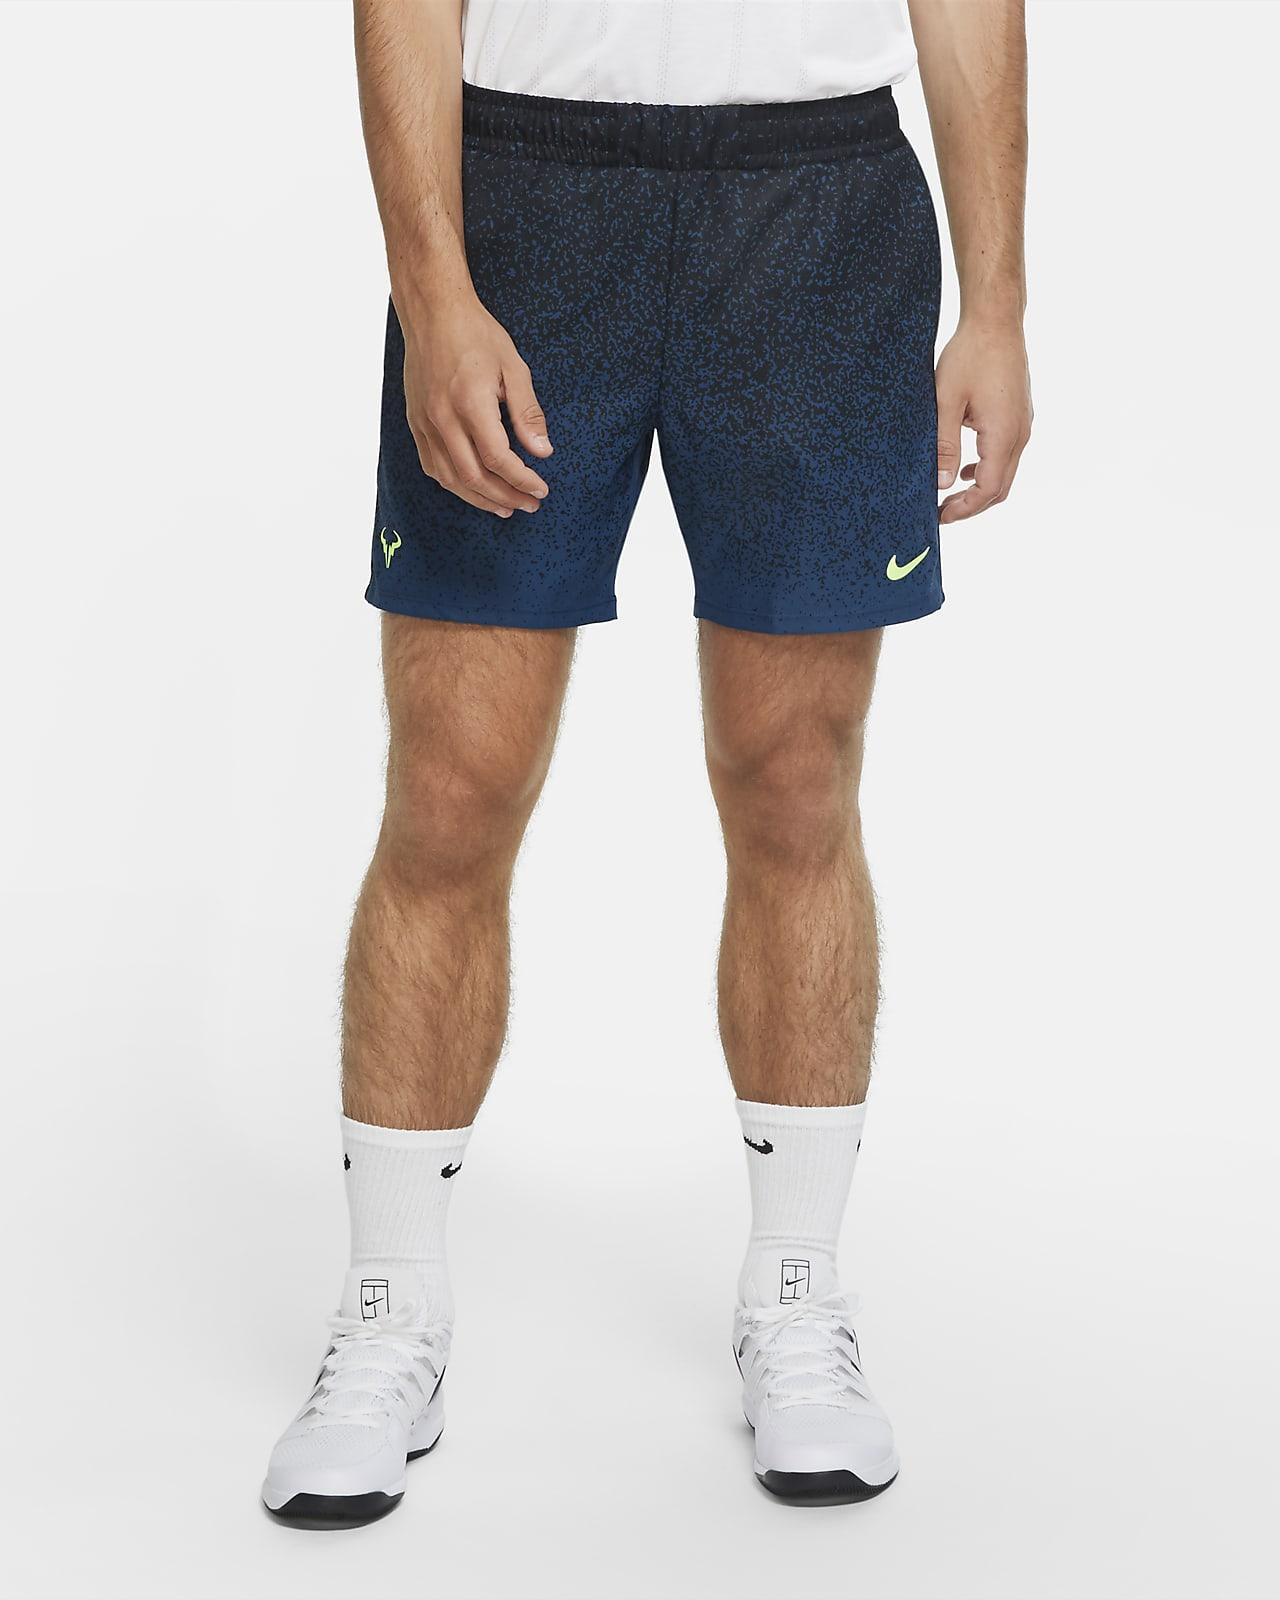 ラファ メンズ 18cm テニスショートパンツ